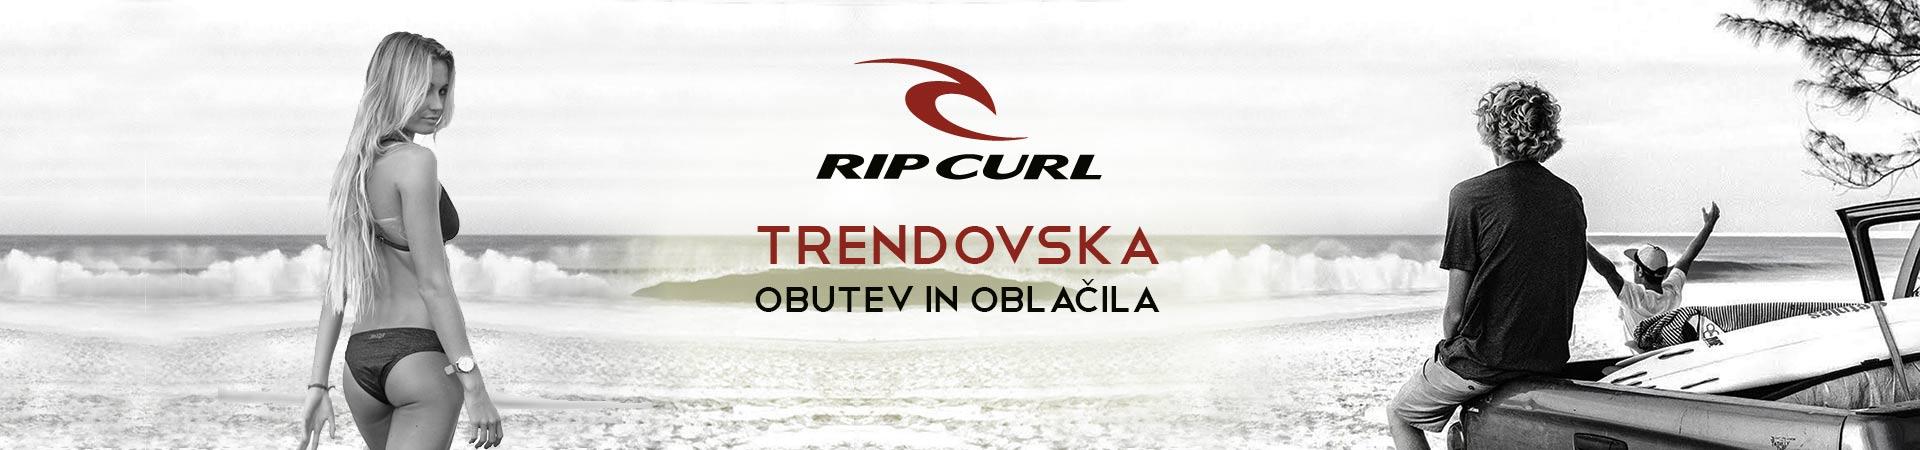 pasica-rip-curl3